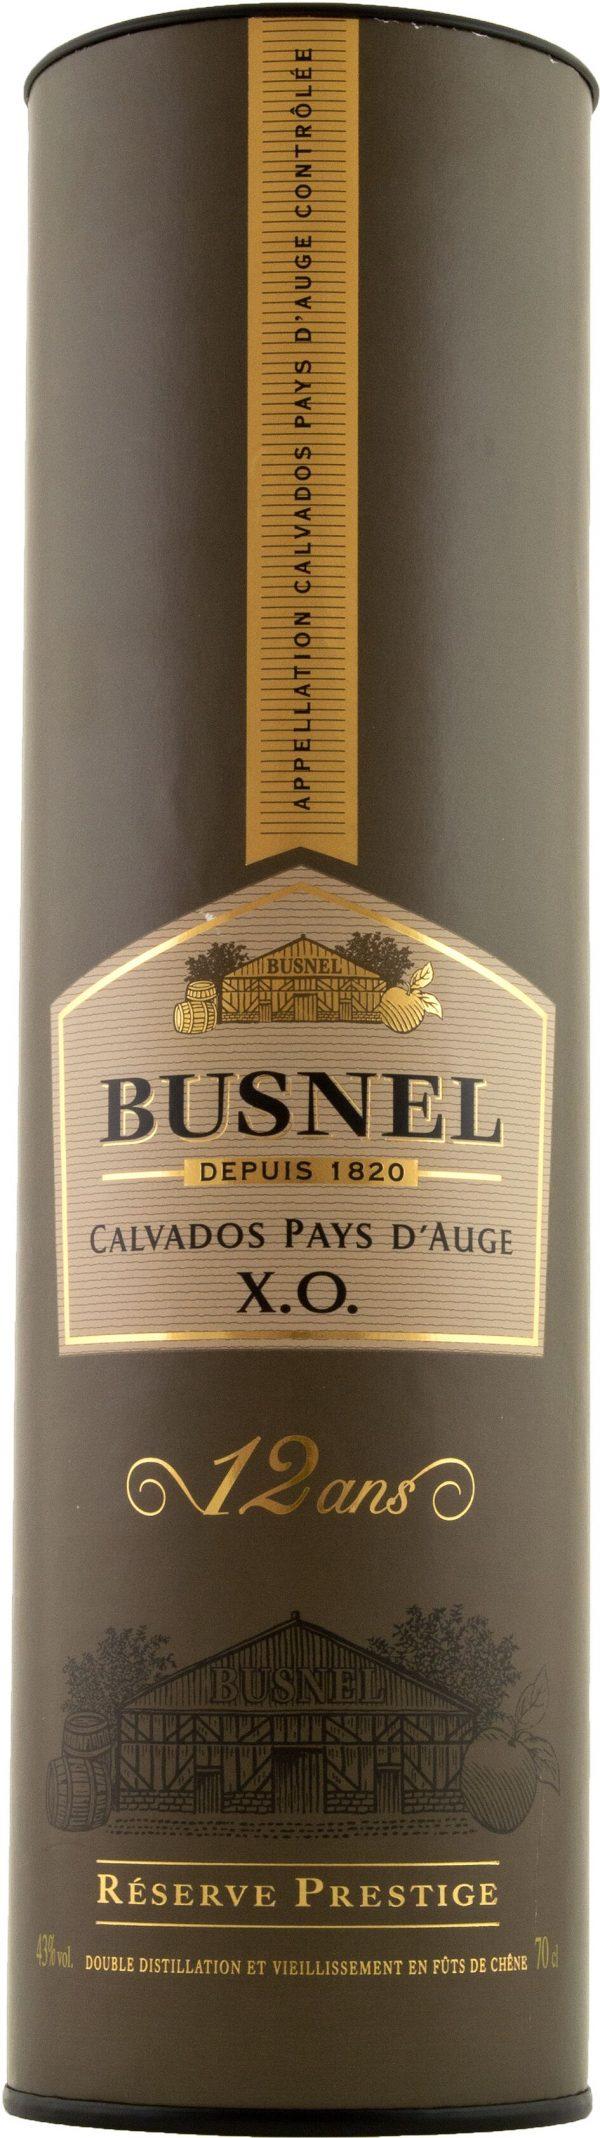 Busnel XO Calvados 70cl